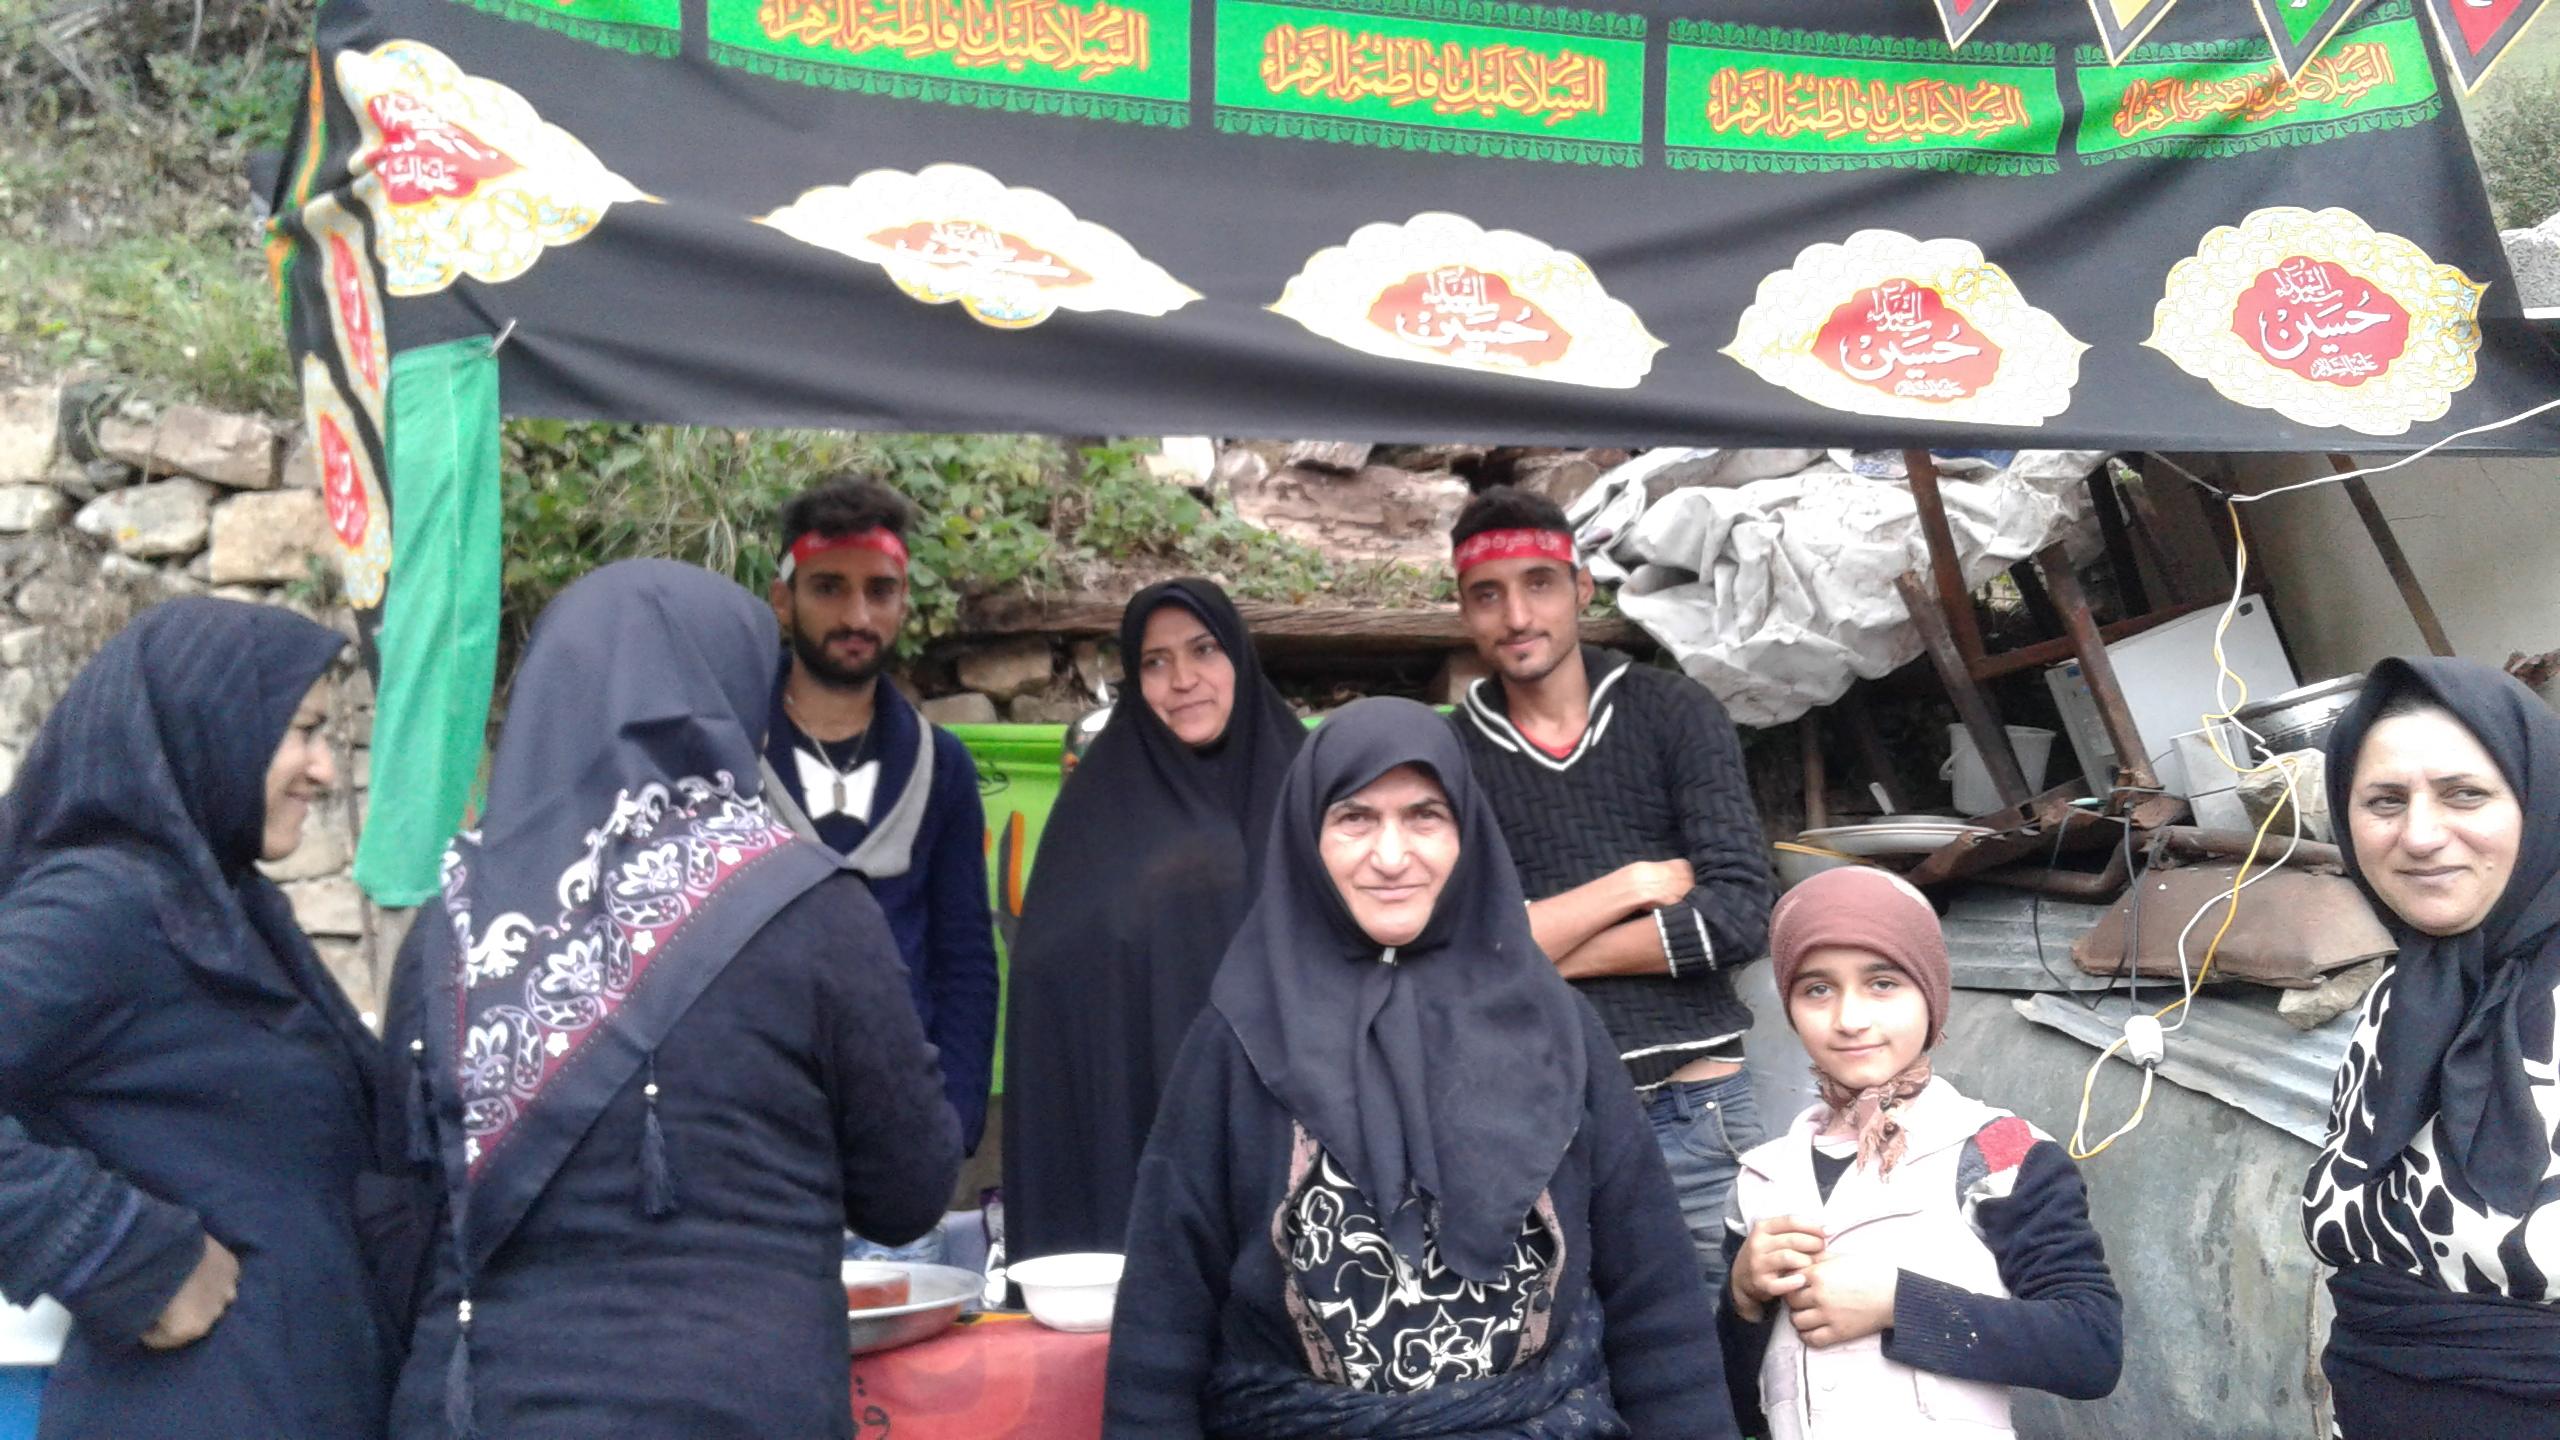 ایجاد استگاه صلواتی در ایام محرم سال۹۵ در روستای گلامره